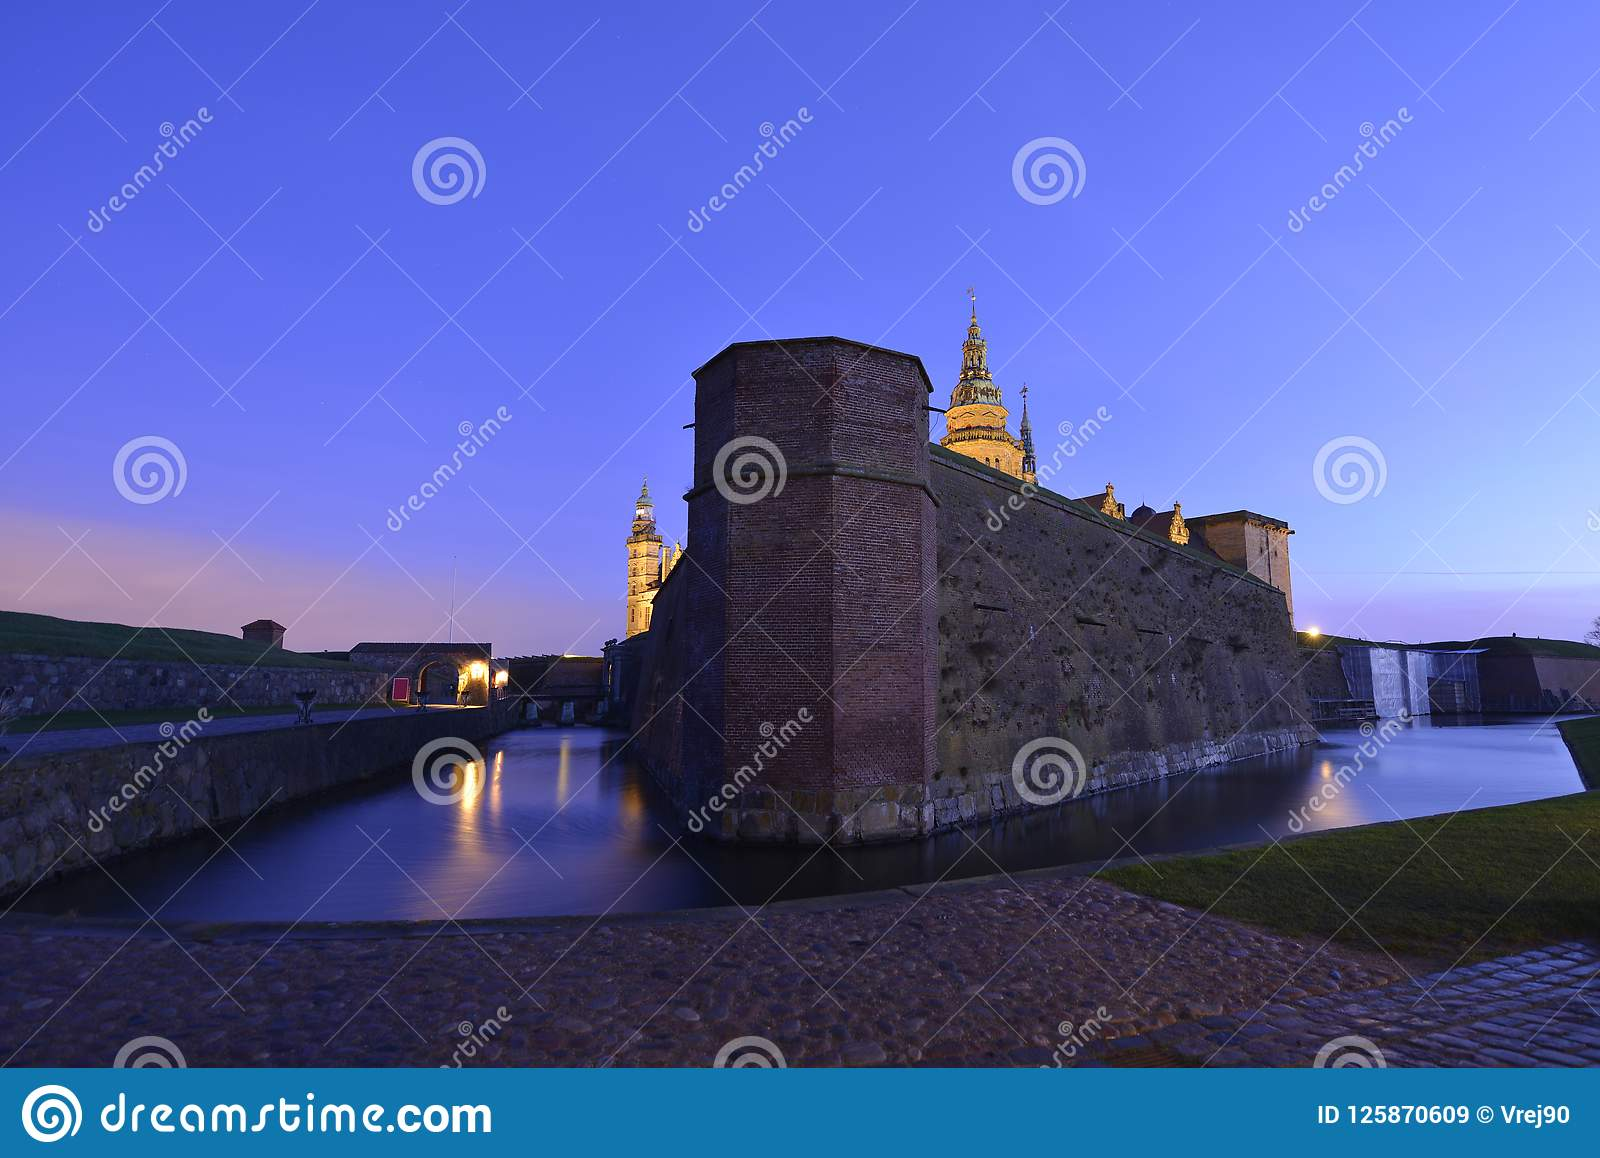 För helsingor för slottdenmark hamlet legendariskt ställe kronborg